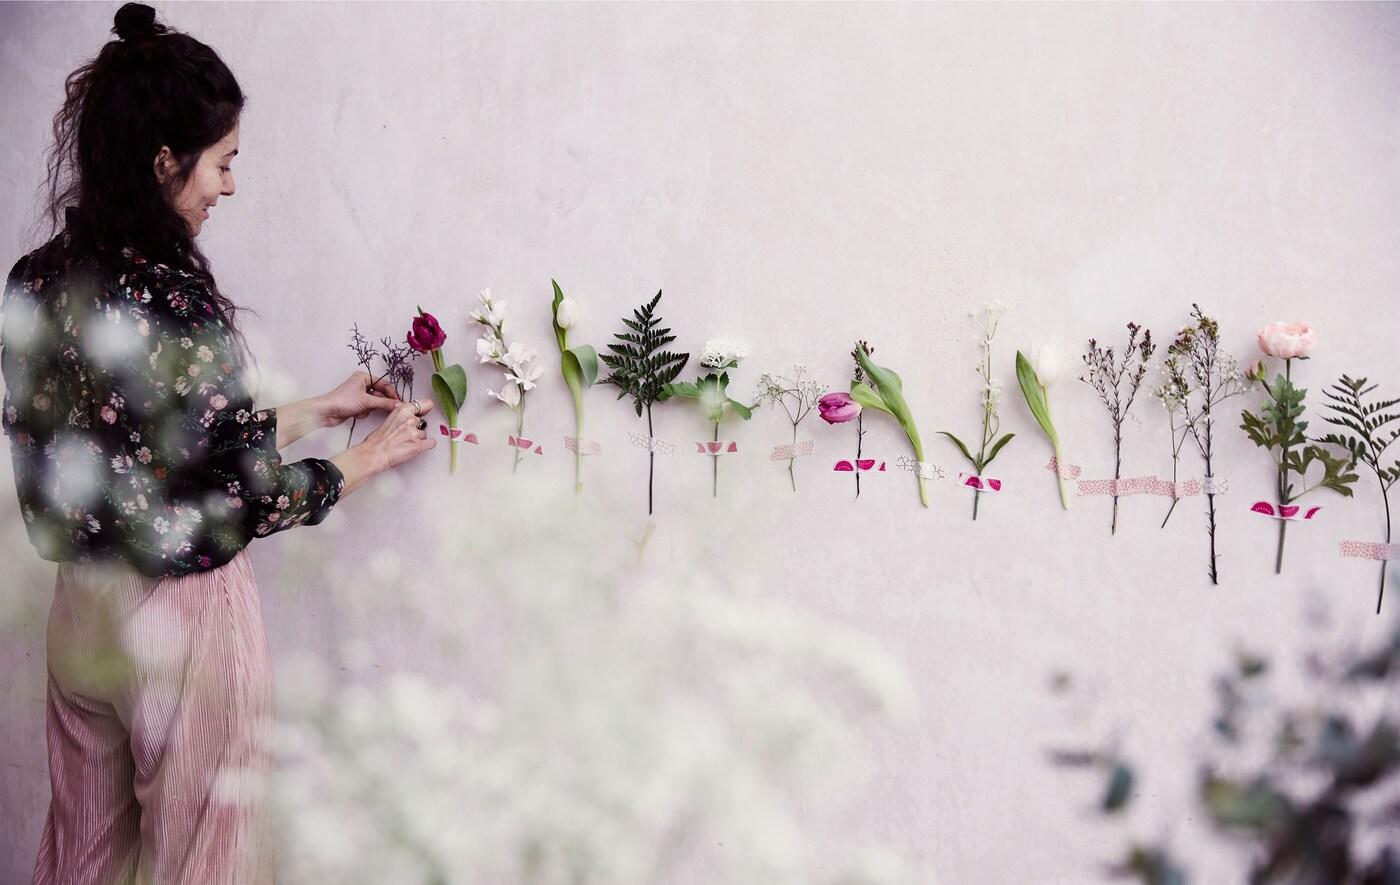 Julia vješa stabljike cvijeća u liniju na bijelom zidu.